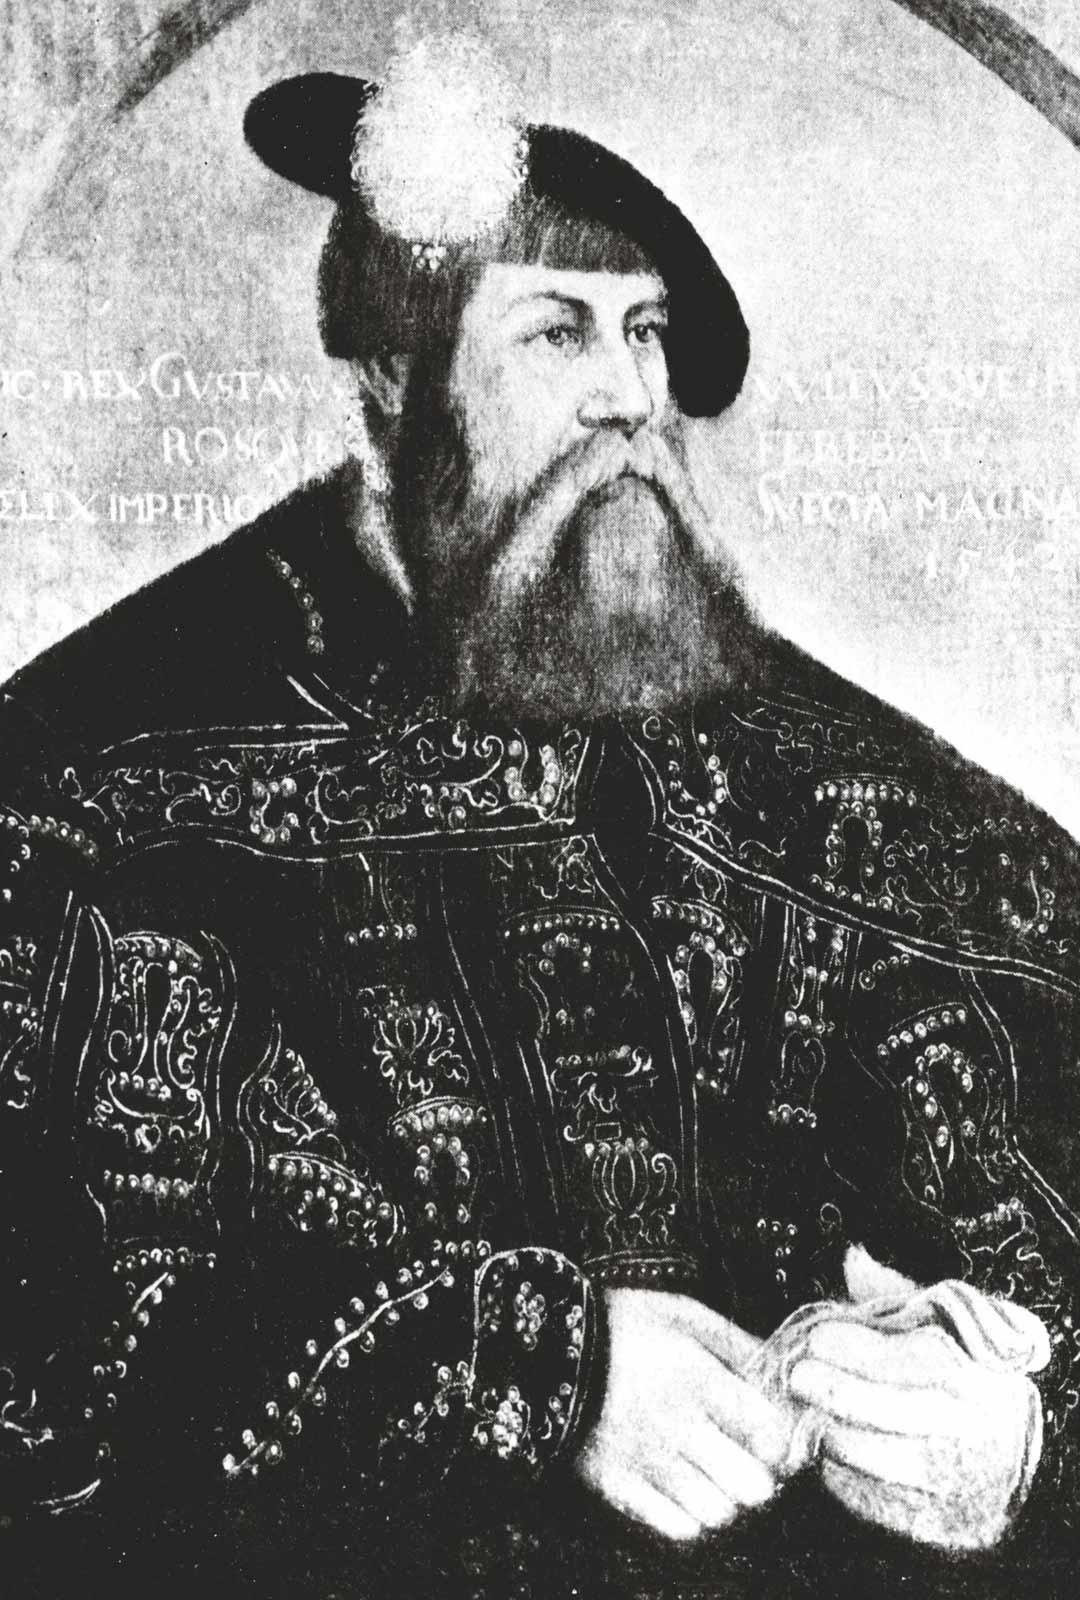 Ruotsi-Suomen kuningas Kustaa Vaasa (1496–1560) kohteli saamelaisia erityisen kaltoin.